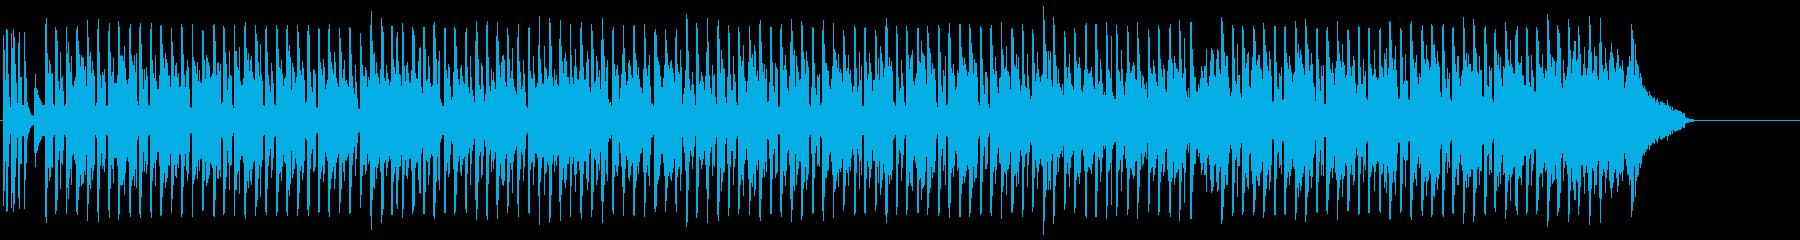 ほのぼのしたニューオリンズ・ジャズ風の曲の再生済みの波形